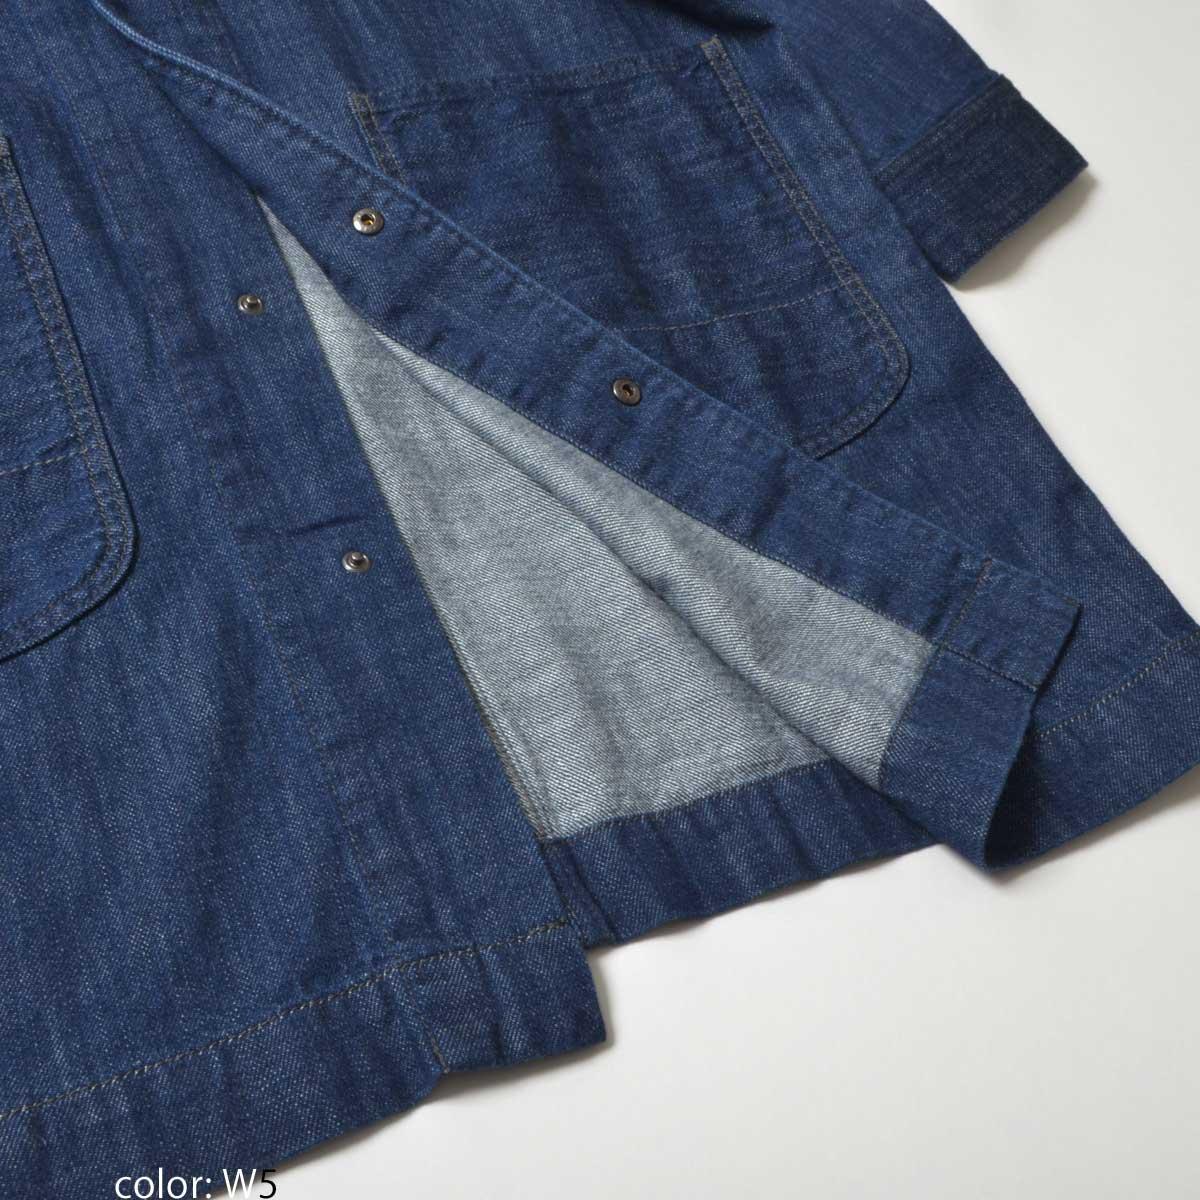 【SALE】Cafetty ロングワークジャケット CF7152